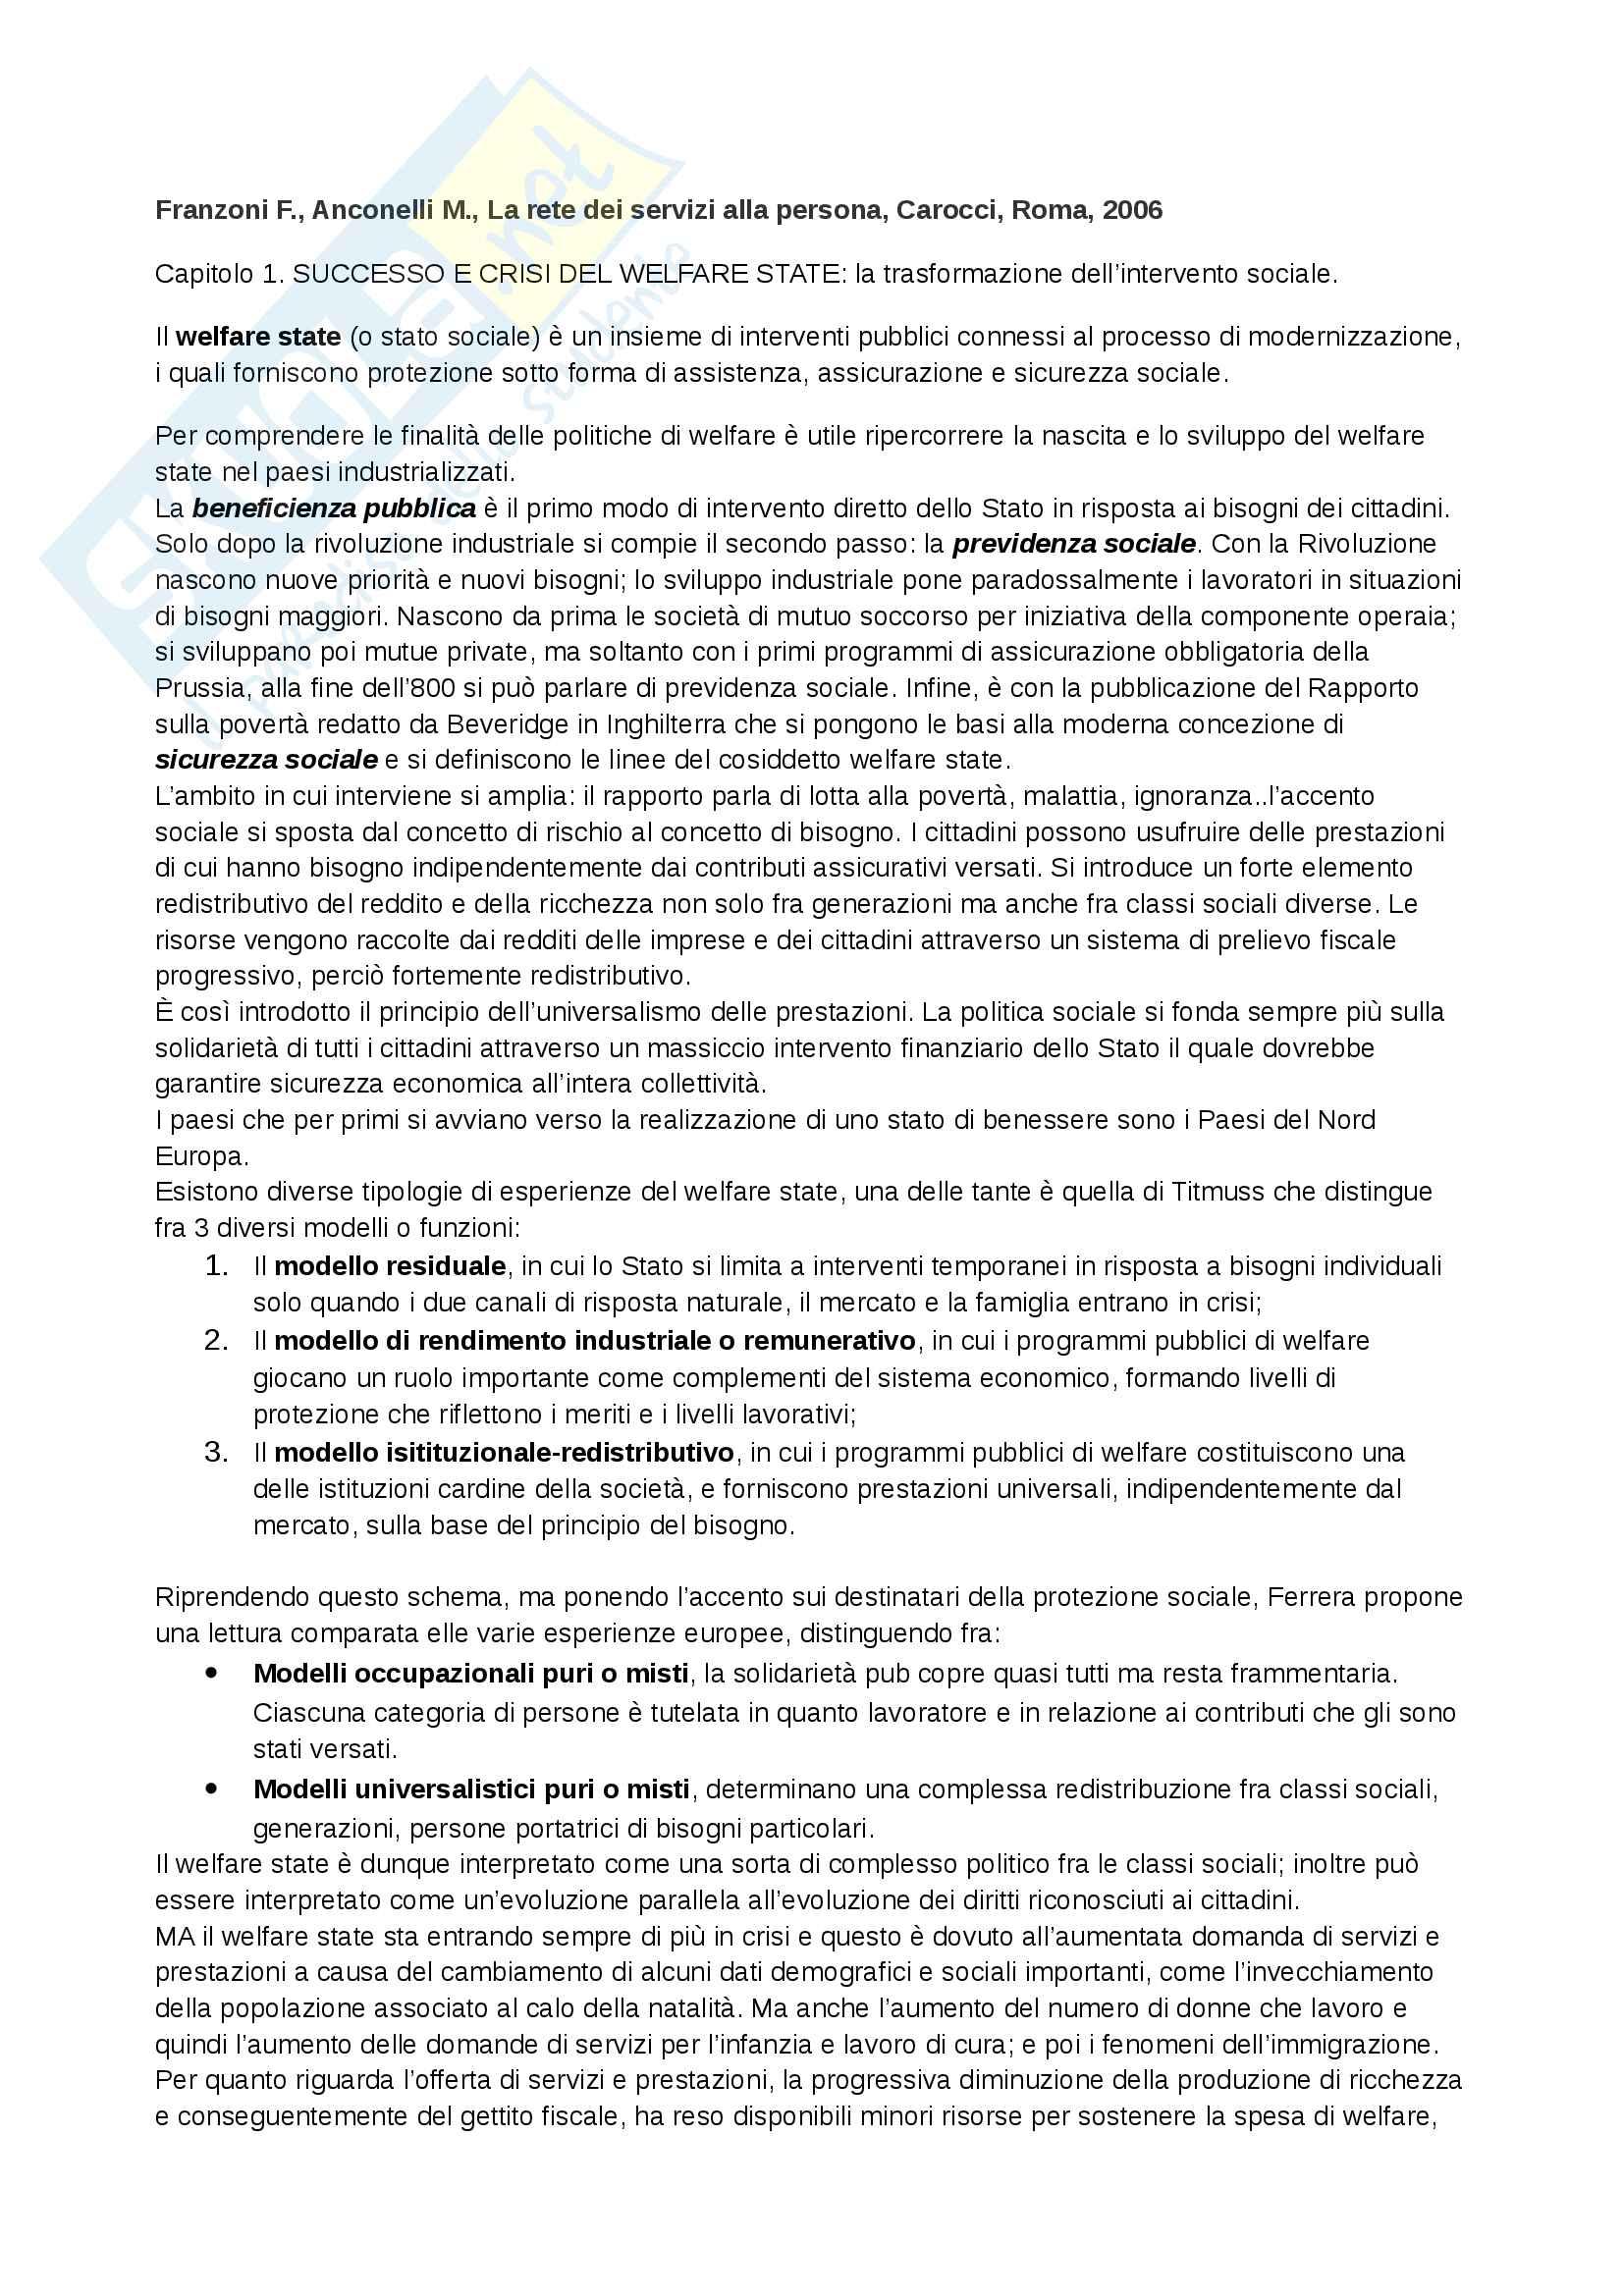 Riassunto esame Politiche sociali, libro consigliato La rete dei servizi alla persona, Carocci editore